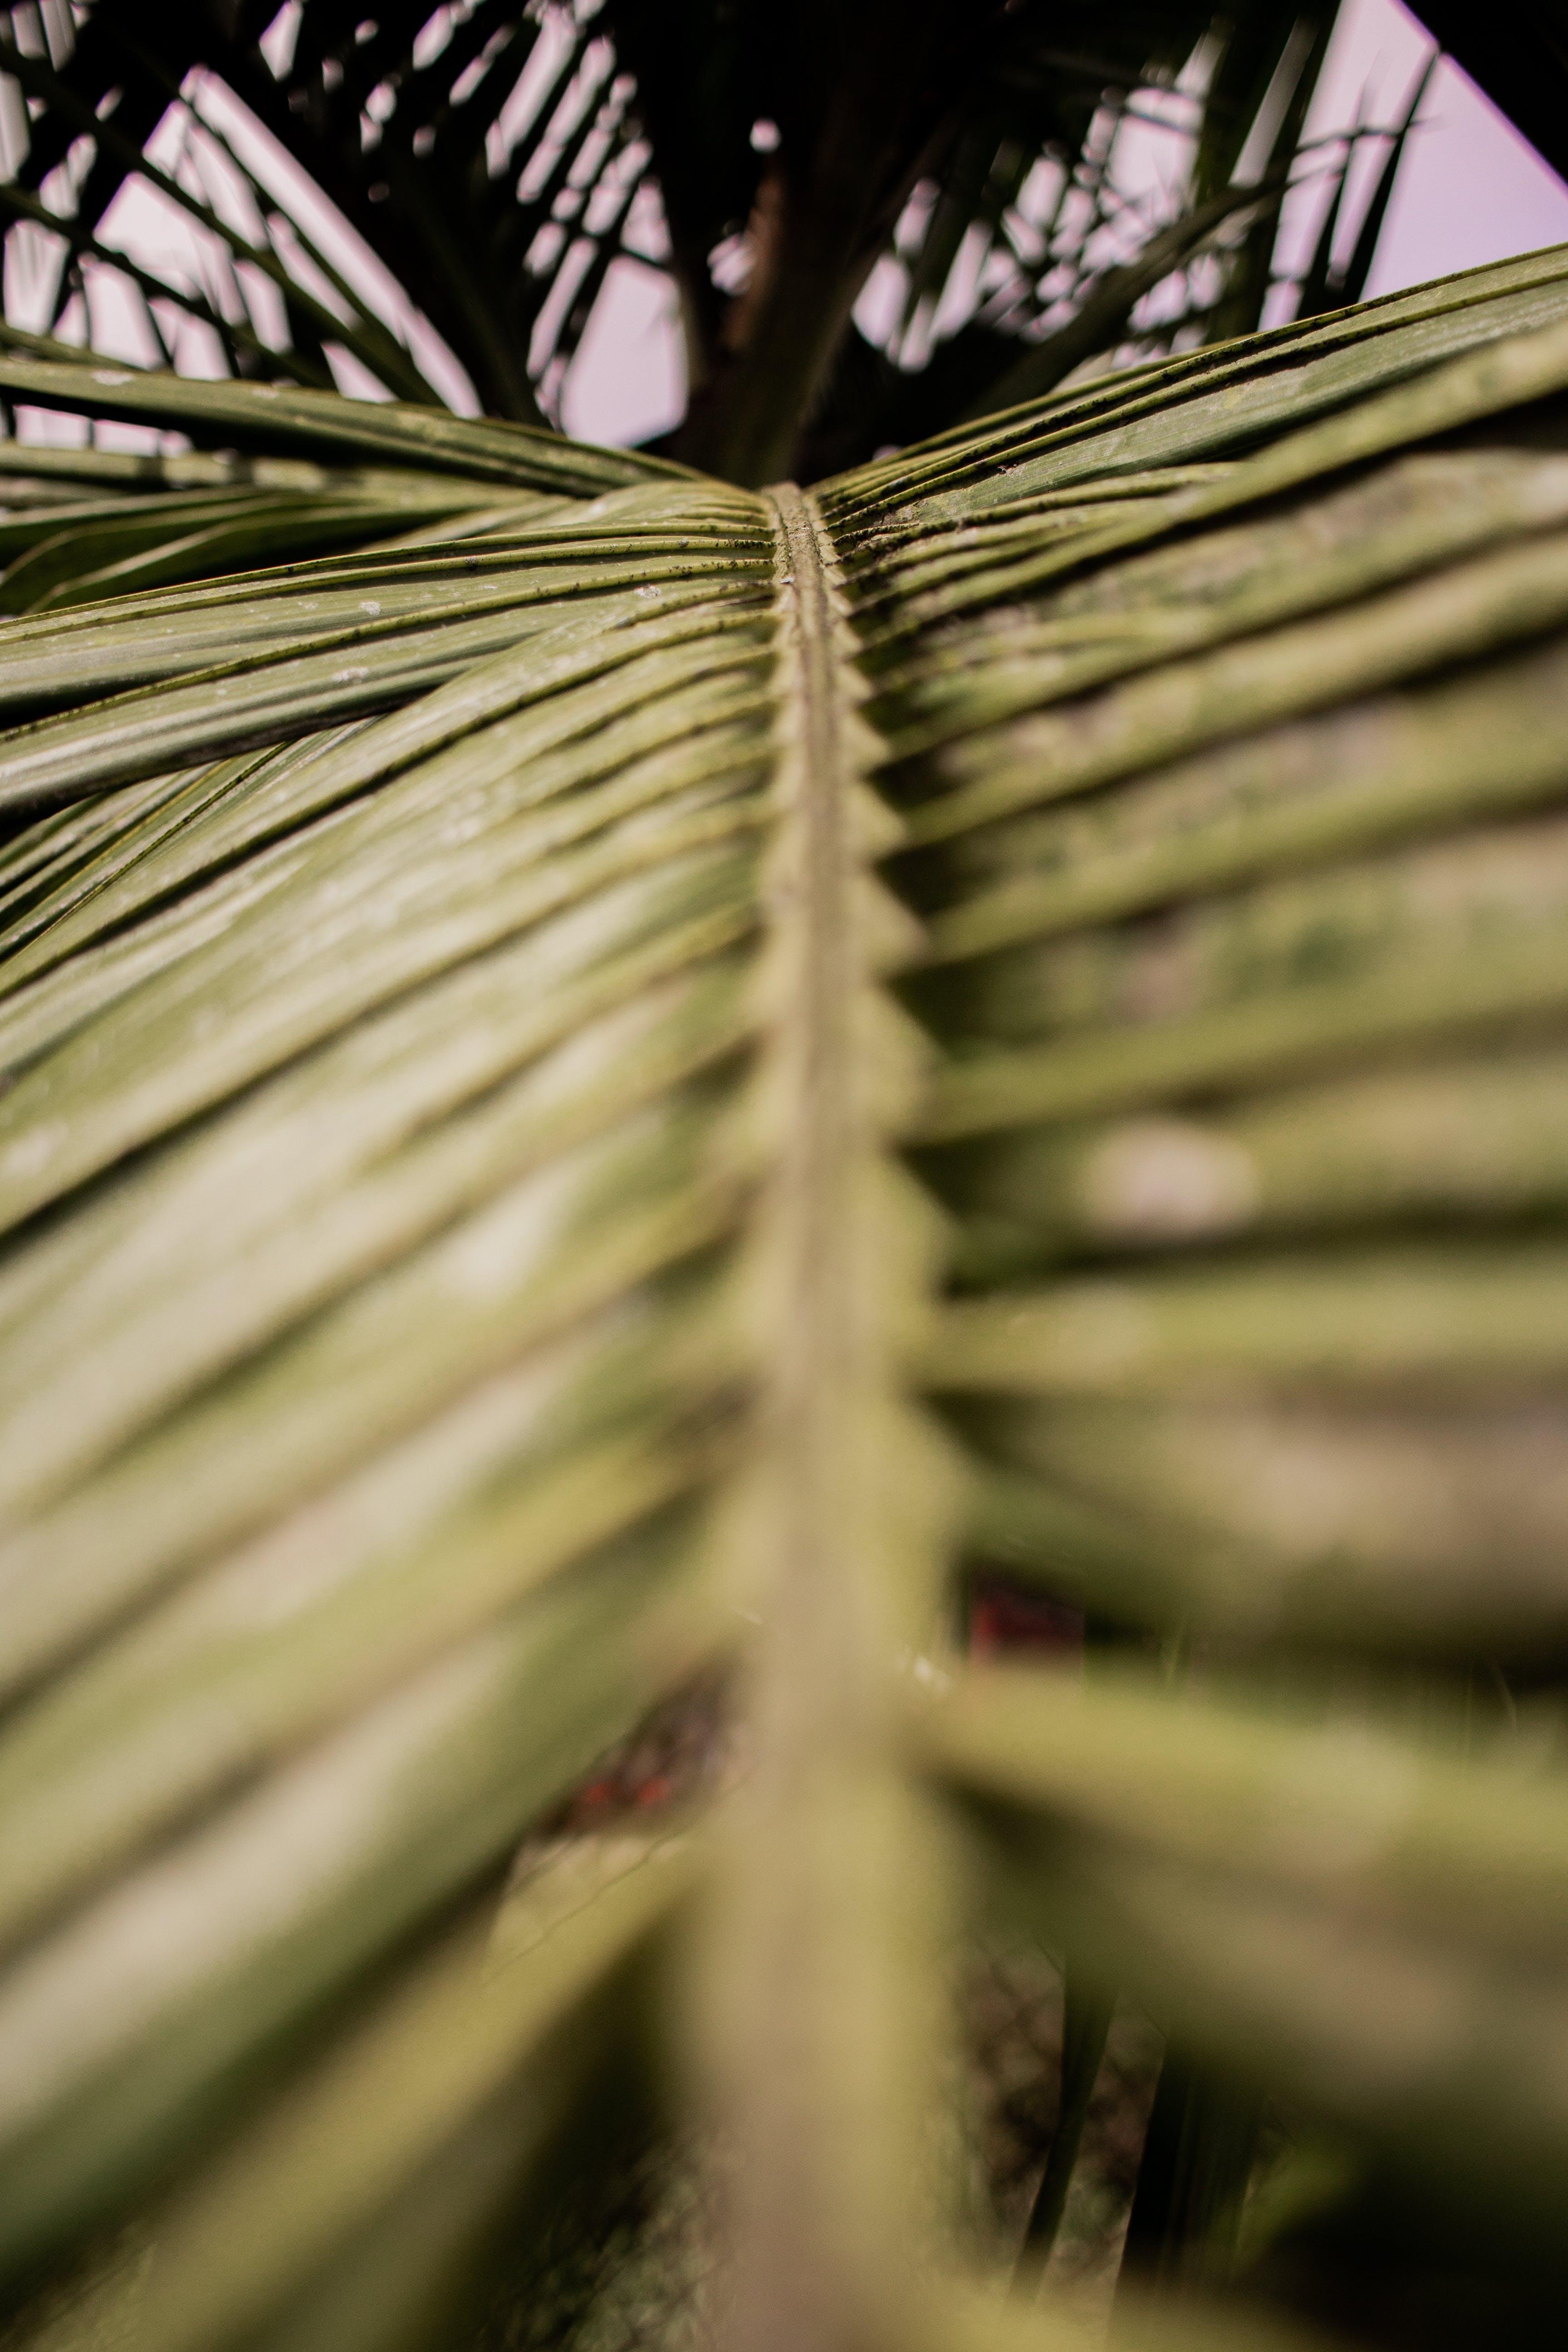 景深, 棕櫚樹葉, 樹, 特寫 的 免费素材照片